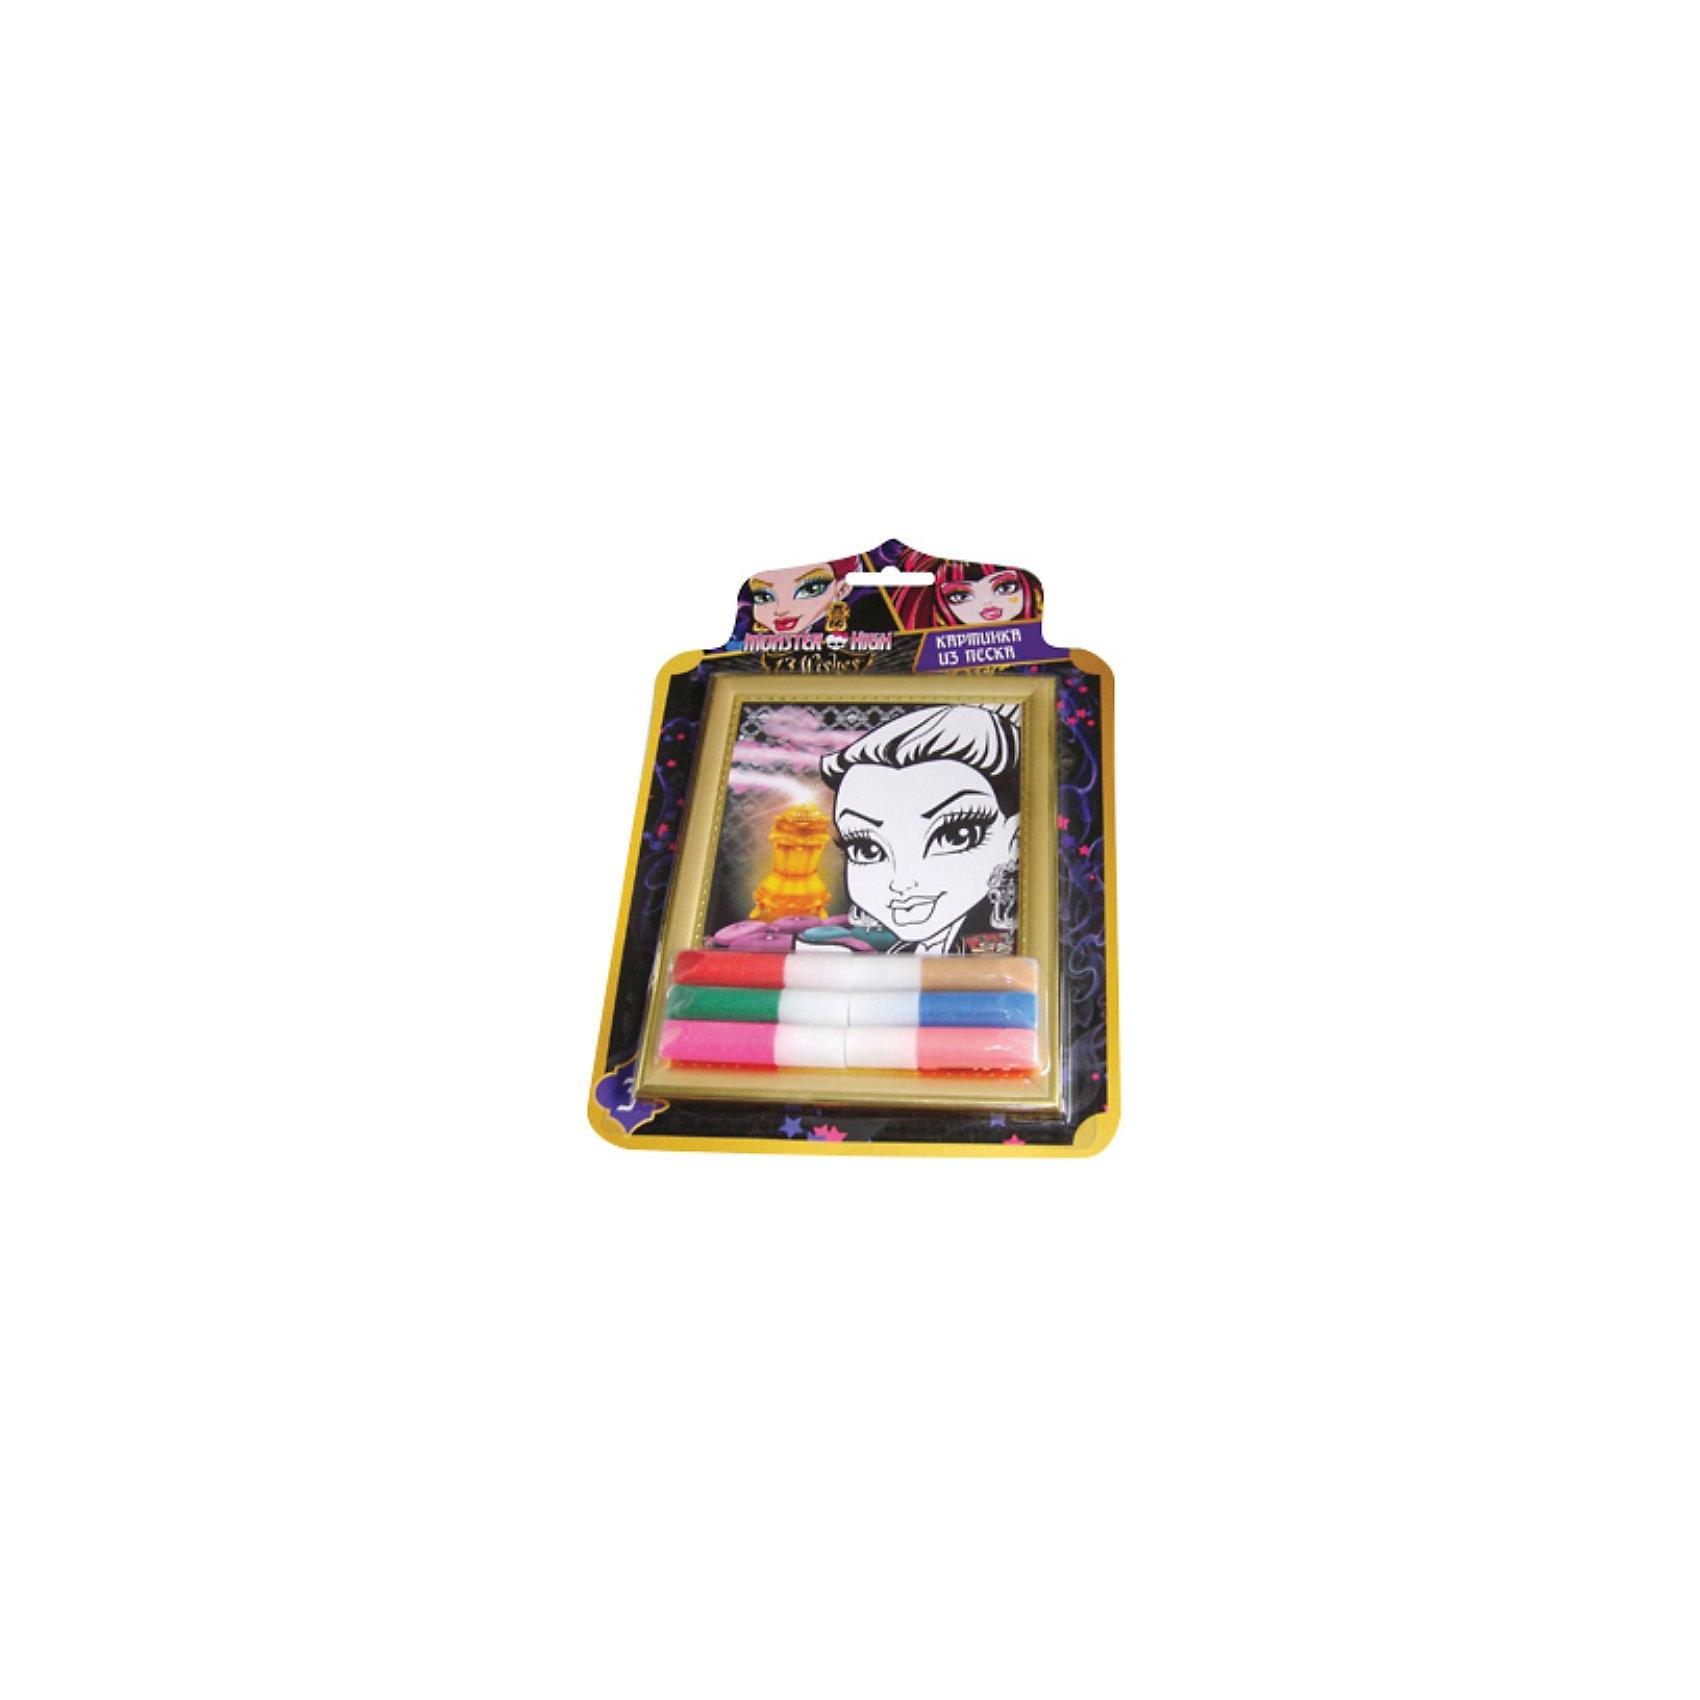 Набор Создай картинку 3D, Monster HighКартины из песка<br>Набор Создай картинку 3D, Monster High - увлекательный набор для детского творчества, который позволит Вашей девочке создать свои первые маленькие шедевры. Процесс создания картины из песка прост и не представляет сложности для ребенка, на основу уже нанесен контур рисунка, нужно только аккуратно приклеить на него песок. Разнообразие цветов позволит раскрасить картинку согласно своей фантазии. Результатом работы будет оригинальная картинка-портрет героини популярного мультсериала Мonster High (Школа монстров).<br><br>Дополнительная информация:<br><br>- В комплекте: рамка, картинка-трафарет, песок с клеем - 6 цветов х 5,5 гр.<br>- Материал: картон.<br>- Размер упаковки: 1,5 x 32 x 21,2 см.<br>- Вес: 180 гр.<br><br>Набор способствует развитию мелкой моторики рук, внимания, творческих и художественных способностей ребенка.<br><br>Набор Создай картинку 3D, Monster High (Монстр Хай) можно купить в нашем интернет-магазине.<br><br>Ширина мм: 15<br>Глубина мм: 212<br>Высота мм: 320<br>Вес г: 18<br>Возраст от месяцев: 36<br>Возраст до месяцев: 144<br>Пол: Женский<br>Возраст: Детский<br>SKU: 3866746